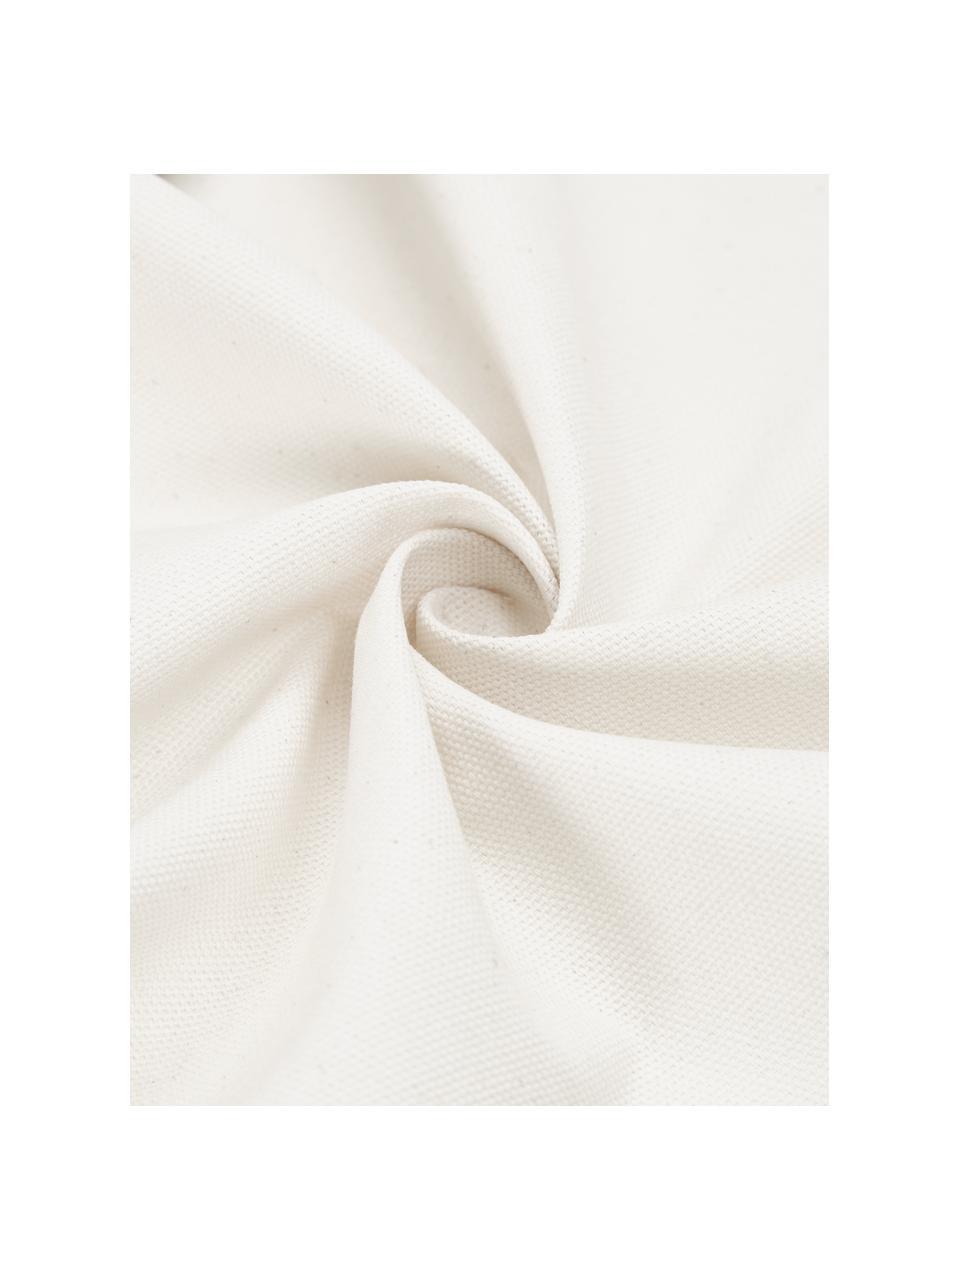 Gestreifte Kissenhülle Raji in Cremeweiß/Schwarz, 100% Baumwolle, Weiß, Schwarz, 45 x 45 cm